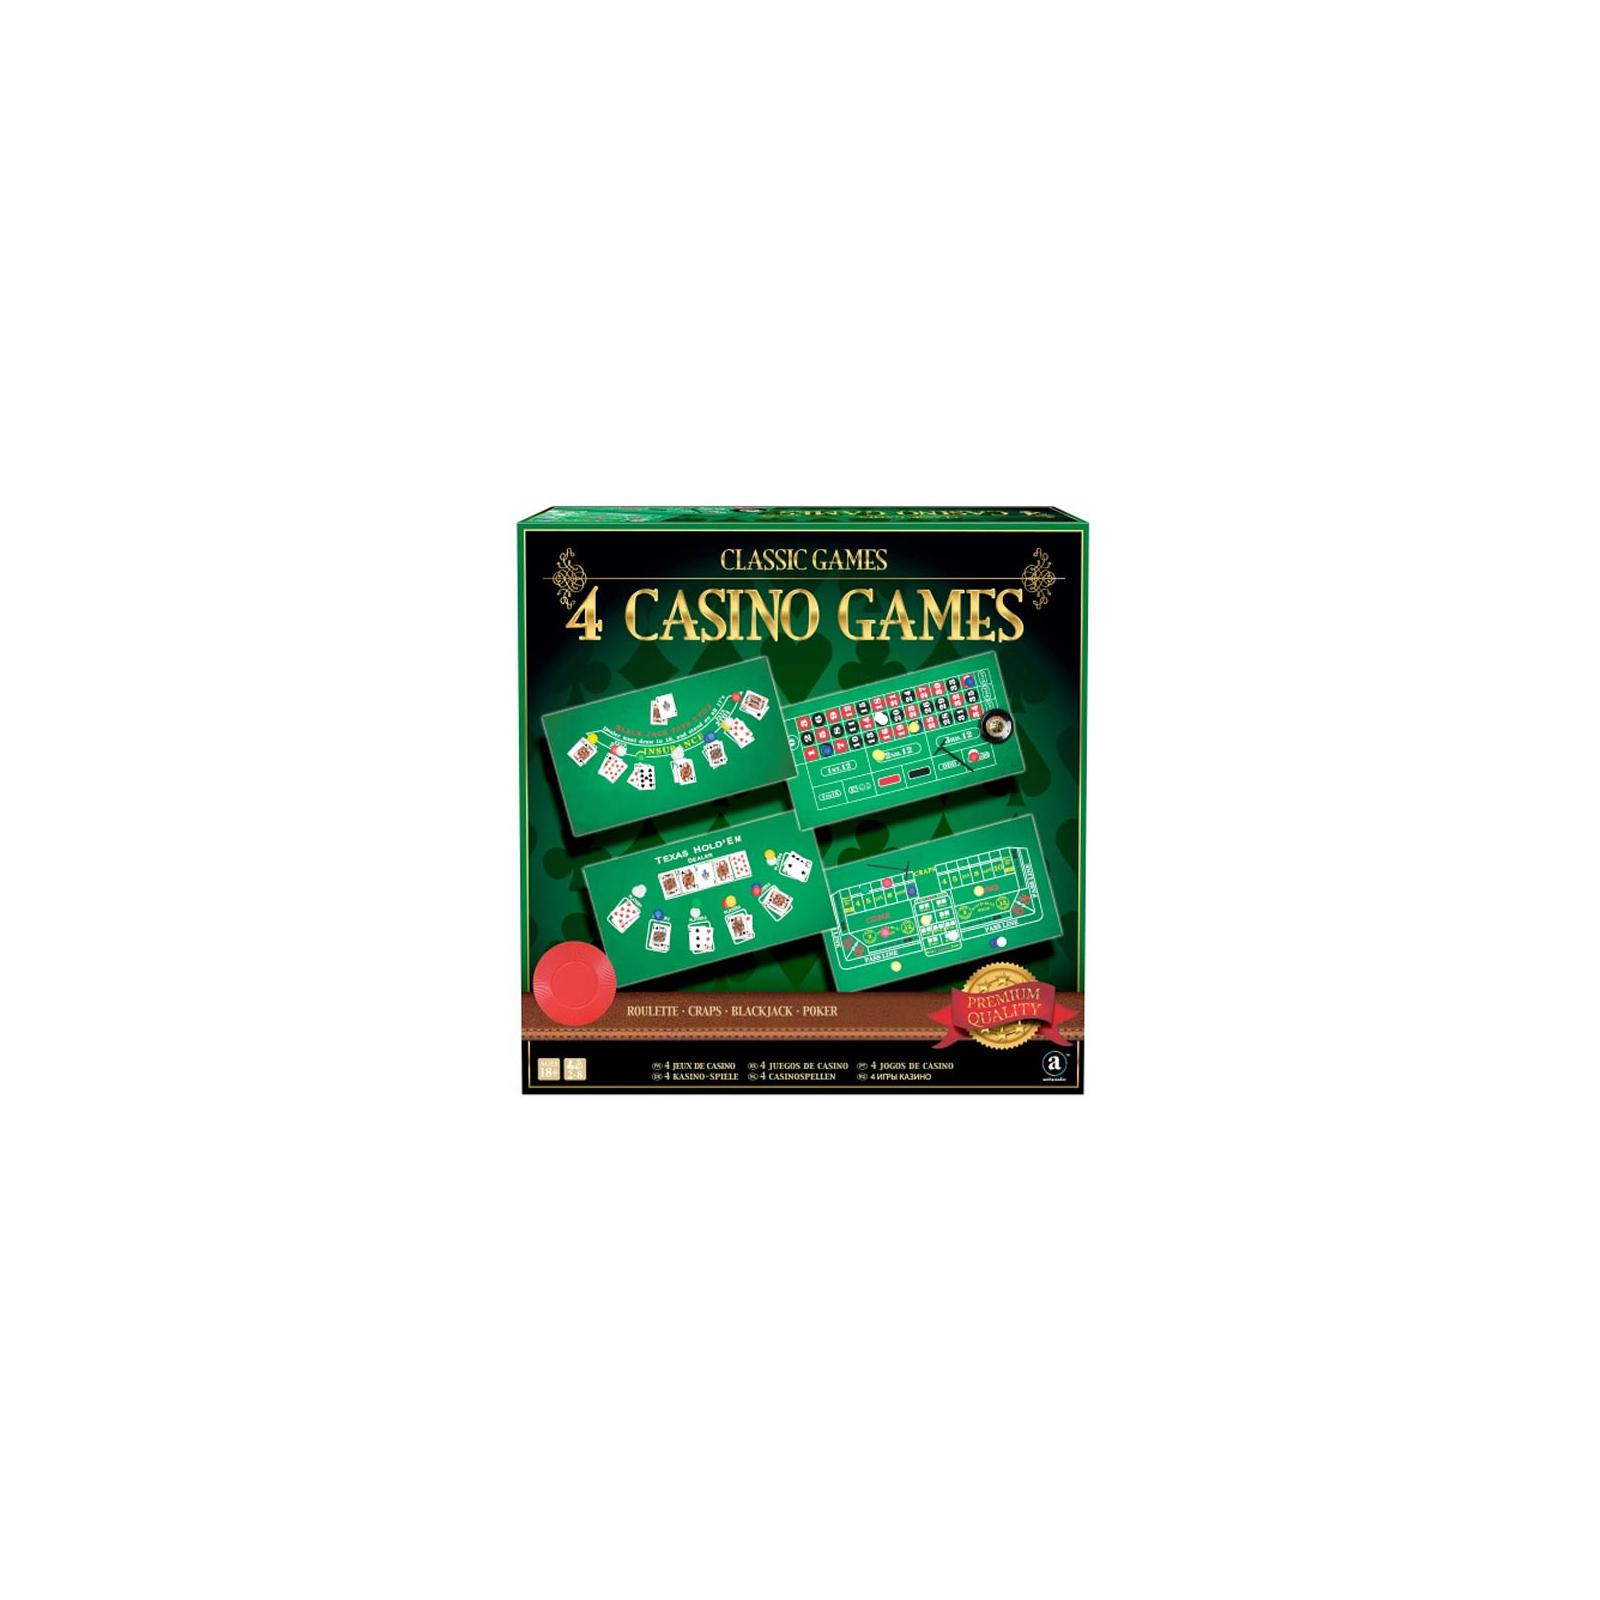 как выводить деньги казино 888